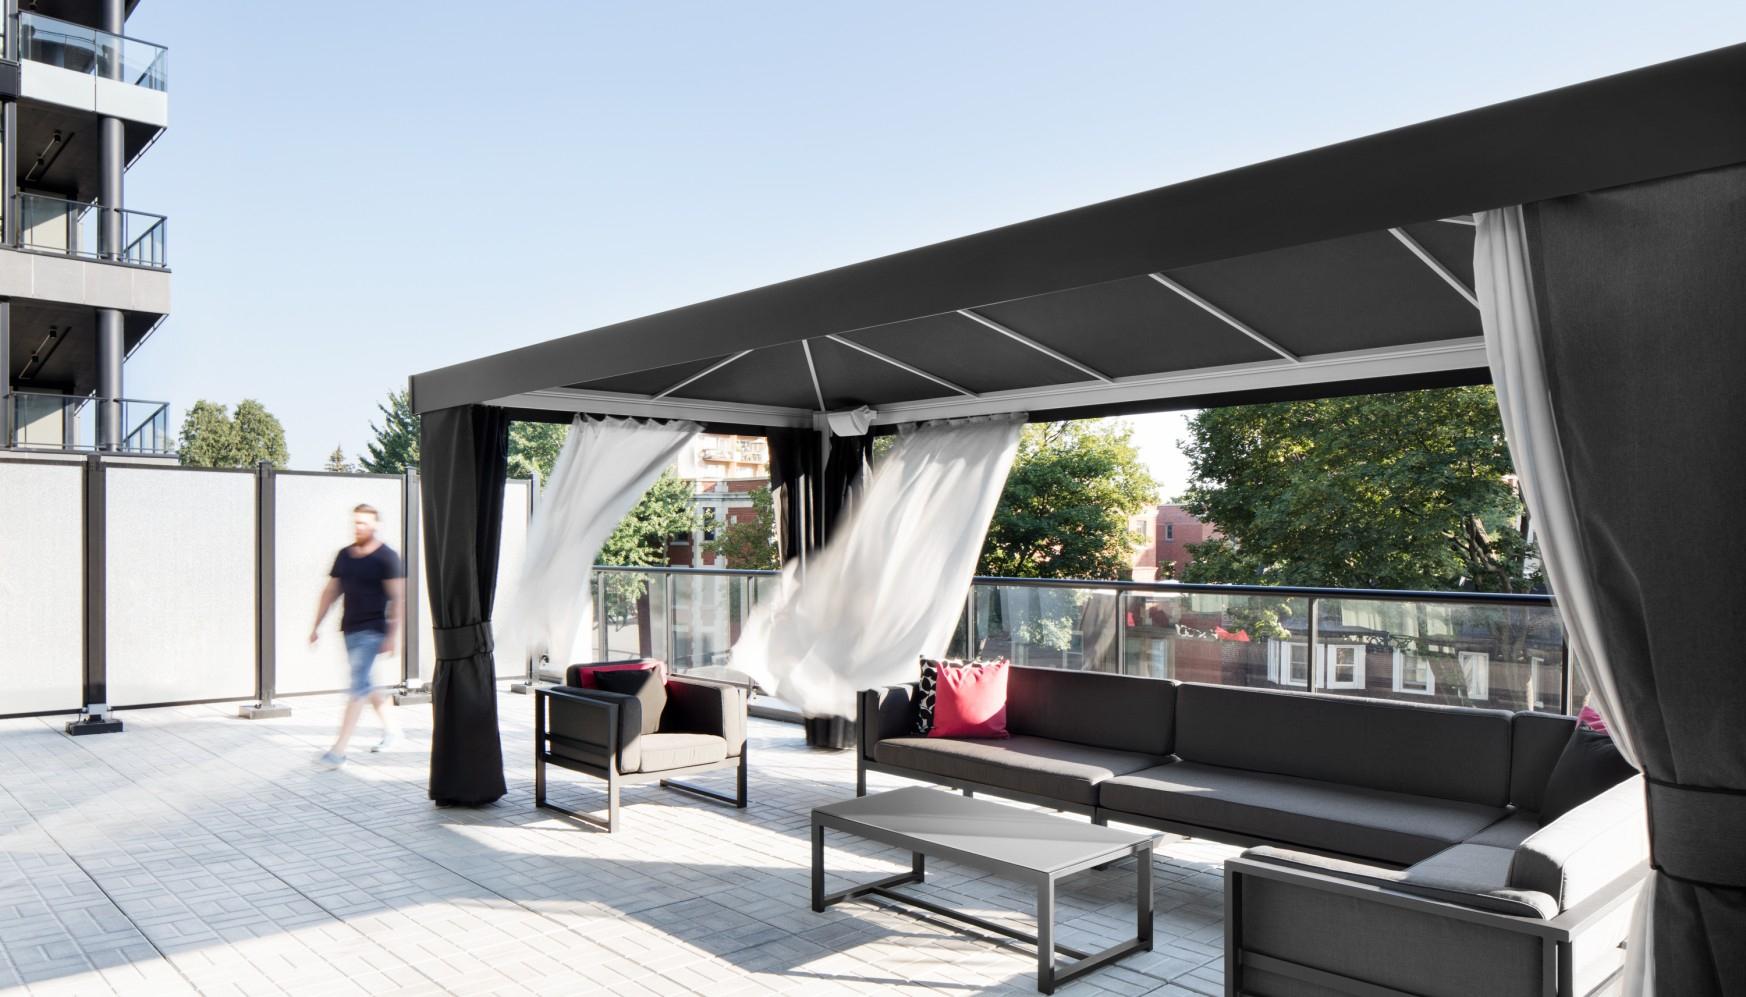 Mobilier De Jardin - Magasin De Meubles Extérieur Haut De ... concernant Salon De Jardin Design Luxe